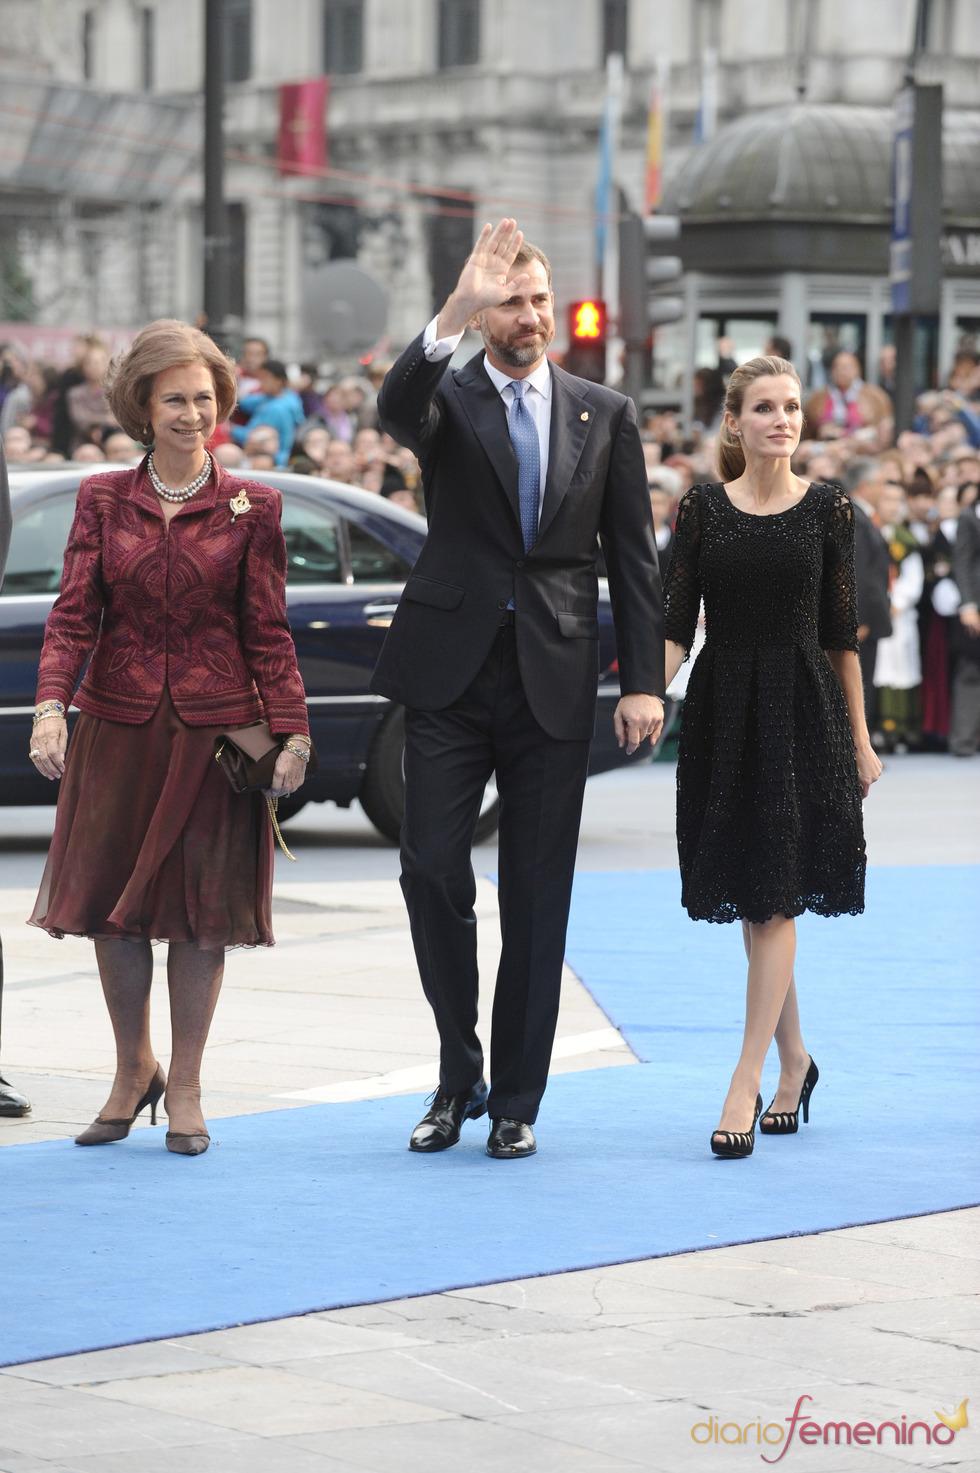 Doña Sofía junto con los príncipes Felipe y Letizia en los premios Príncipe de Asturias 2010